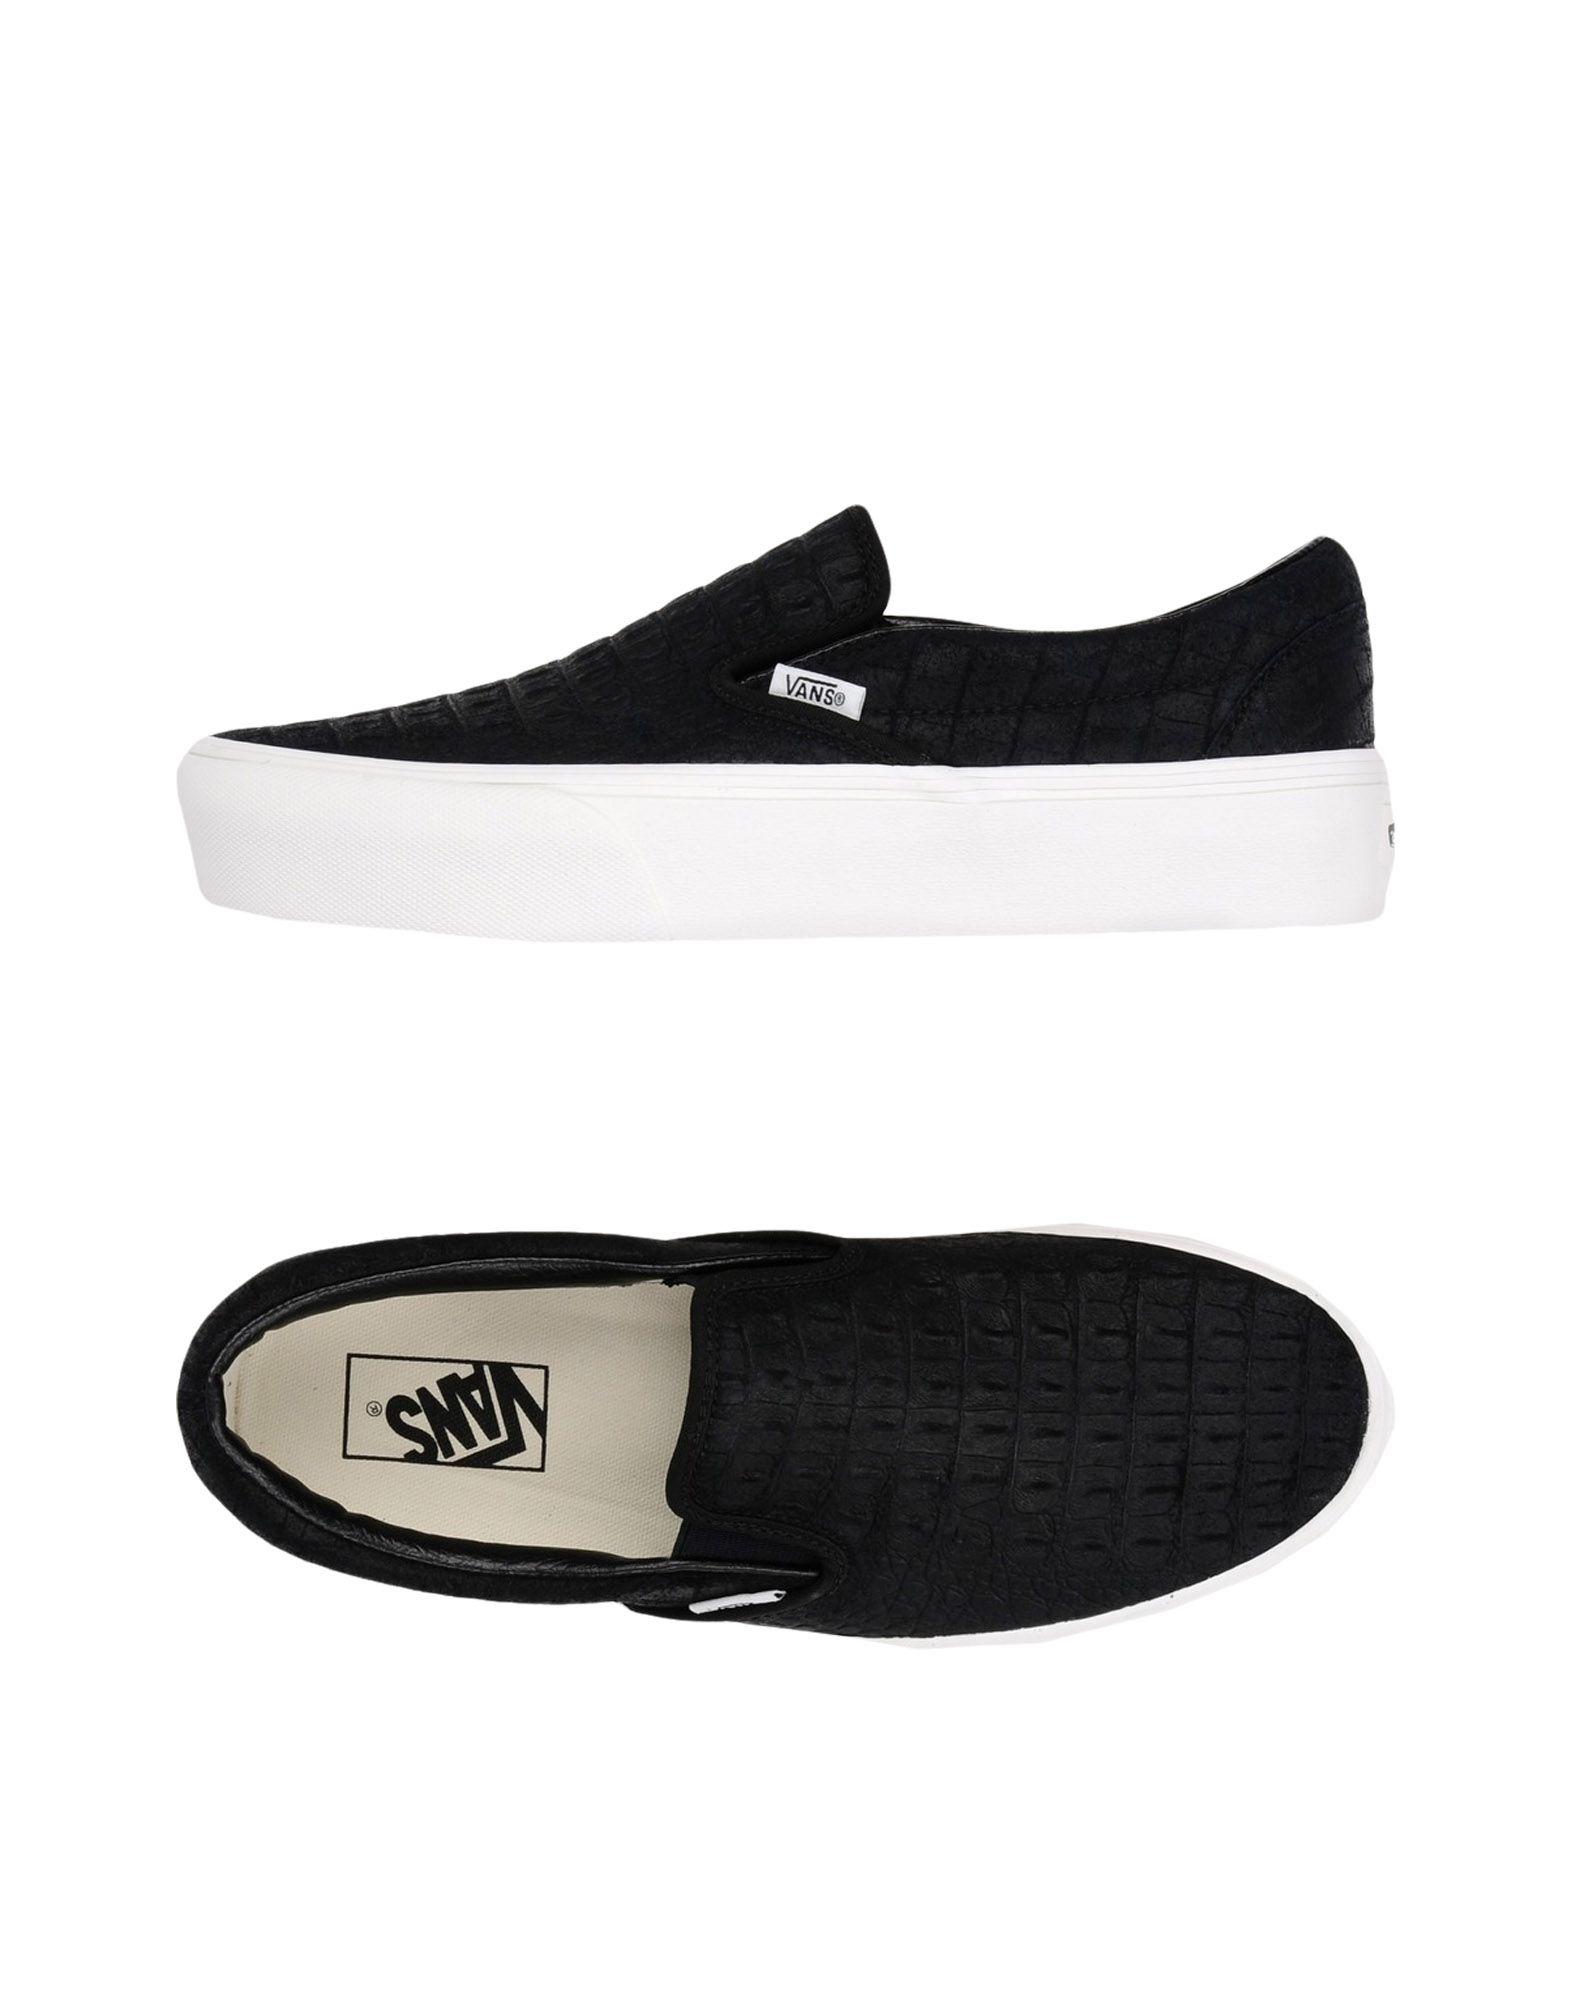 Sneakers Vans Ua Classic Slip-On Platform Embossed - Femme - Sneakers Vans sur